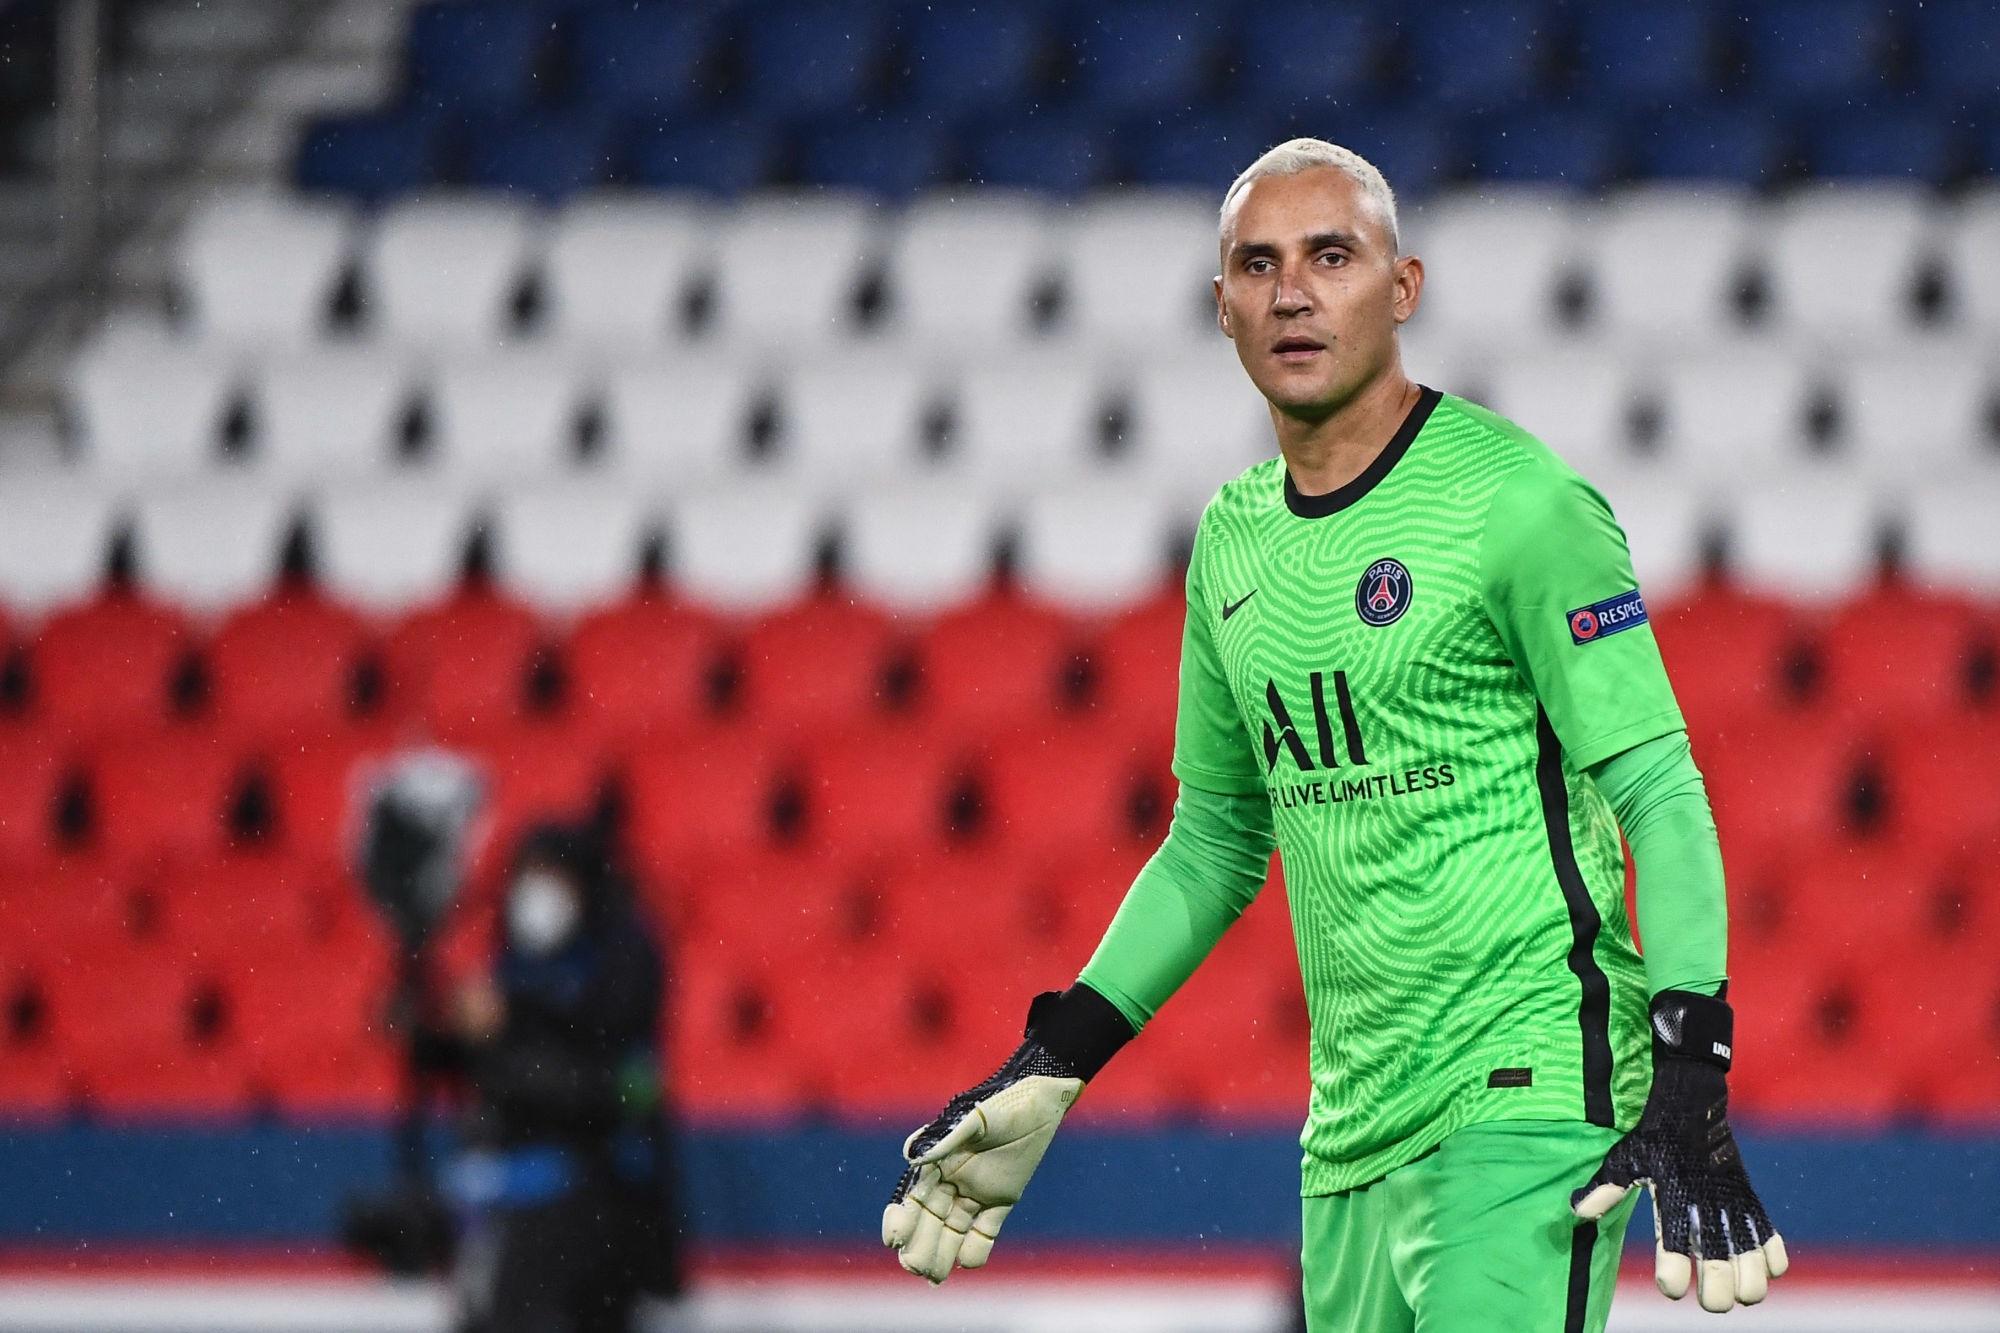 Navas probablement de retour pour PSG/Nice, selon L'Equipe